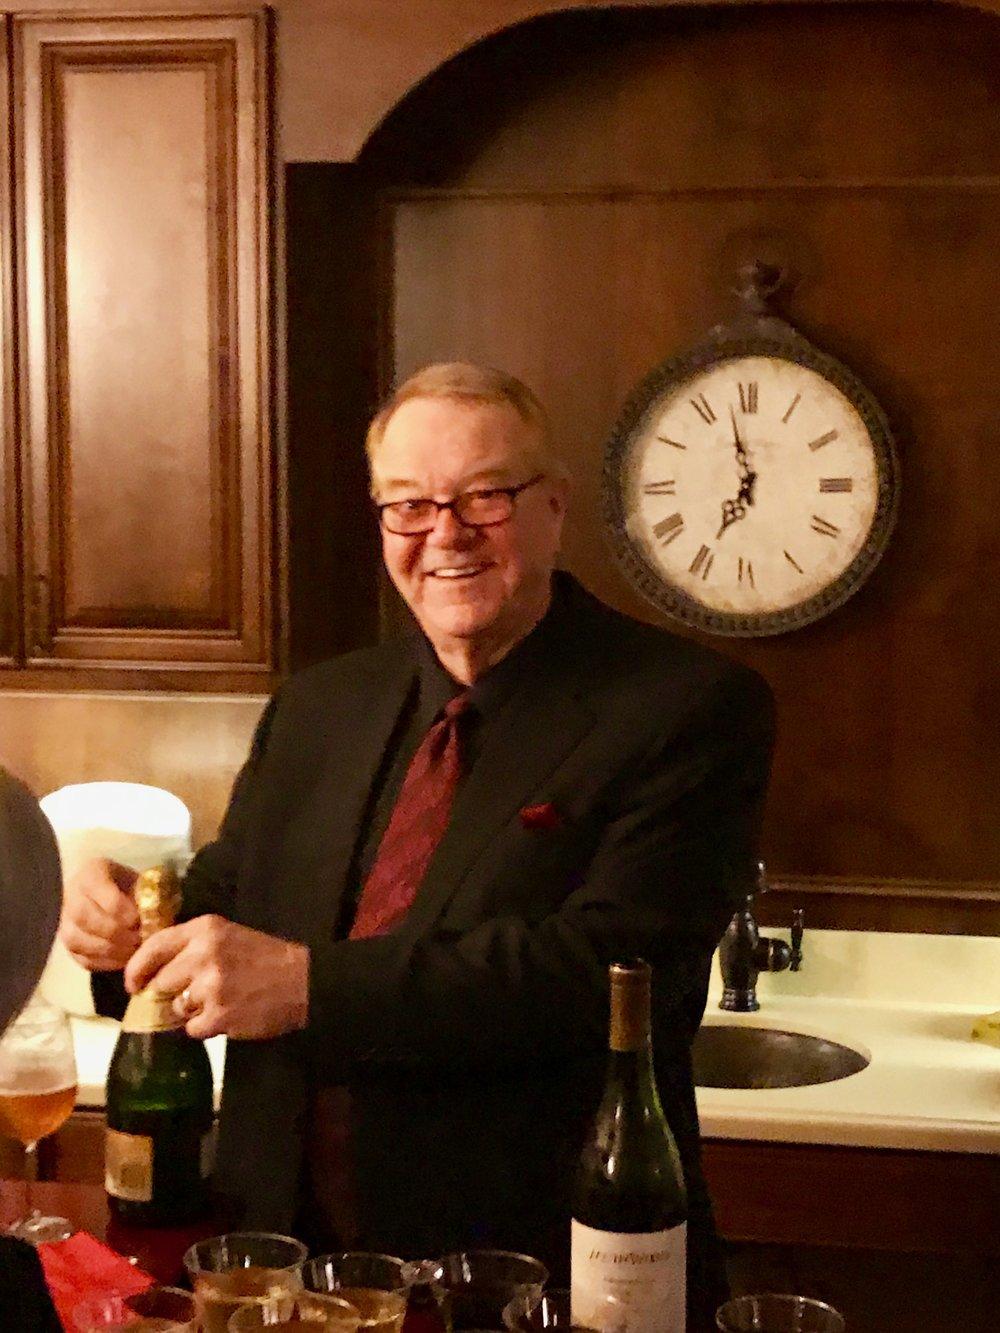 John Palladino bartender.jpg*.jpg